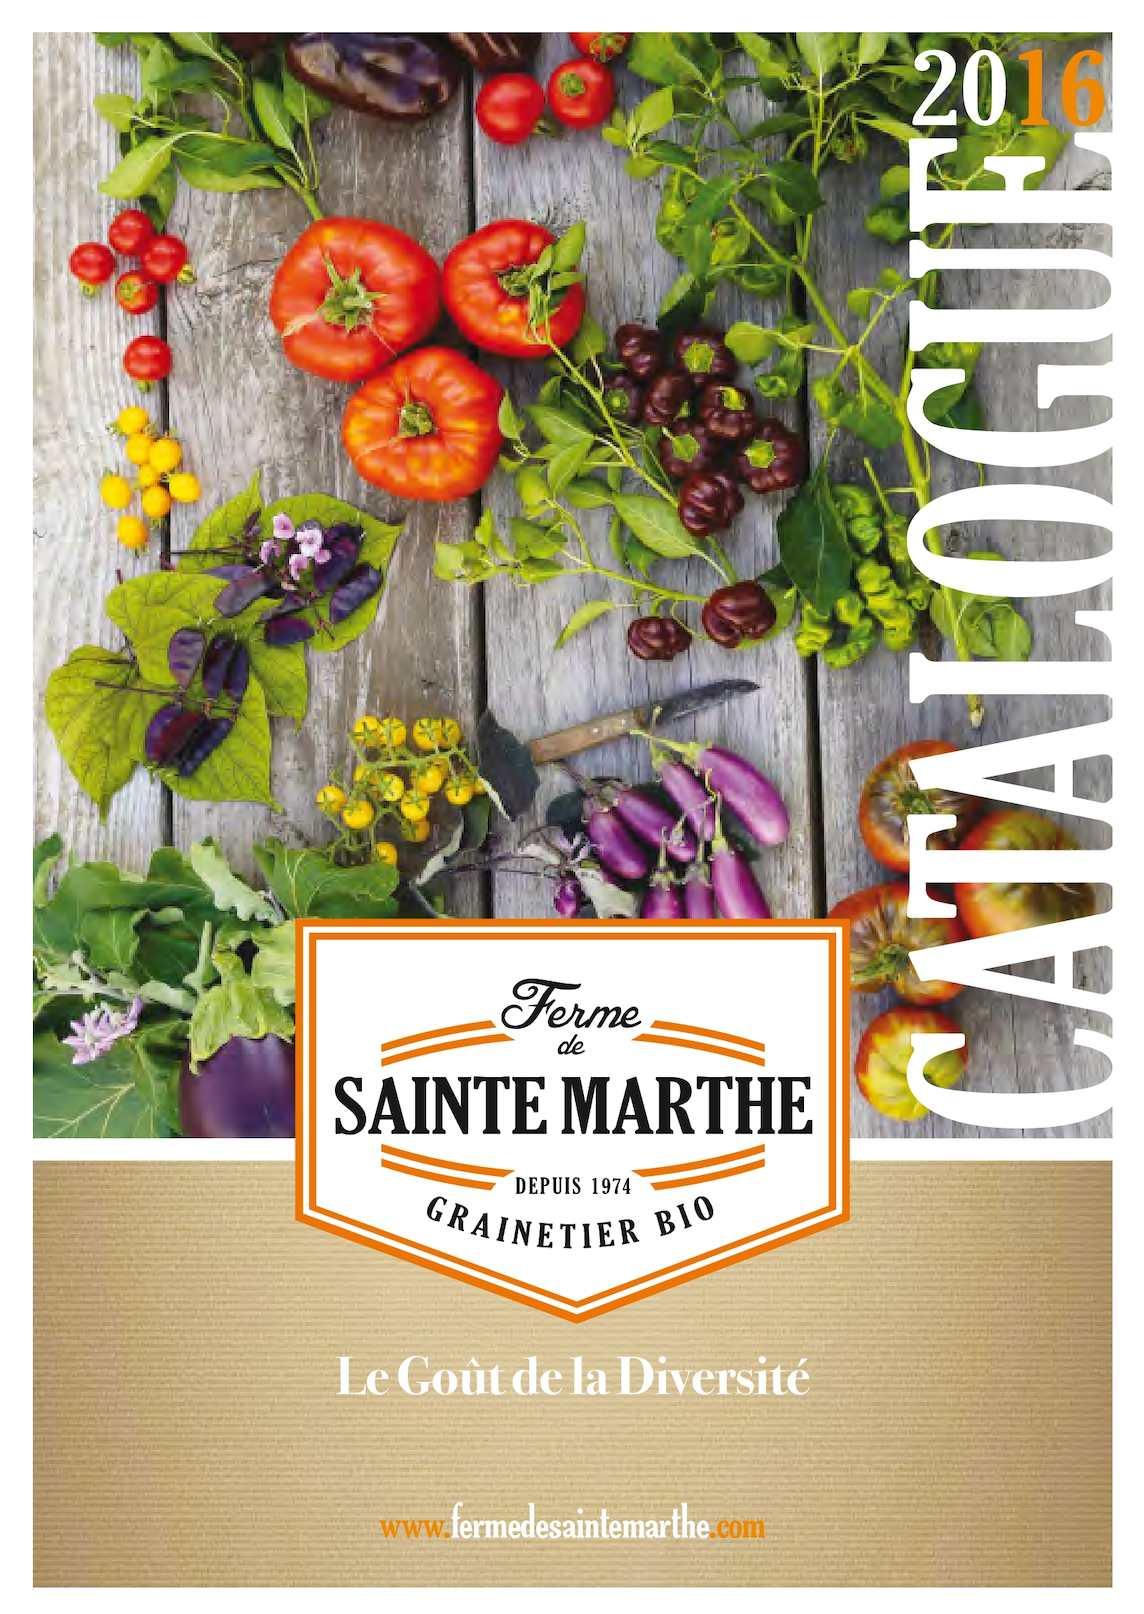 7 Variétés multicolores-Mélangé Tomates Graines vieux Variétés de semences Tomates 20 grain t2